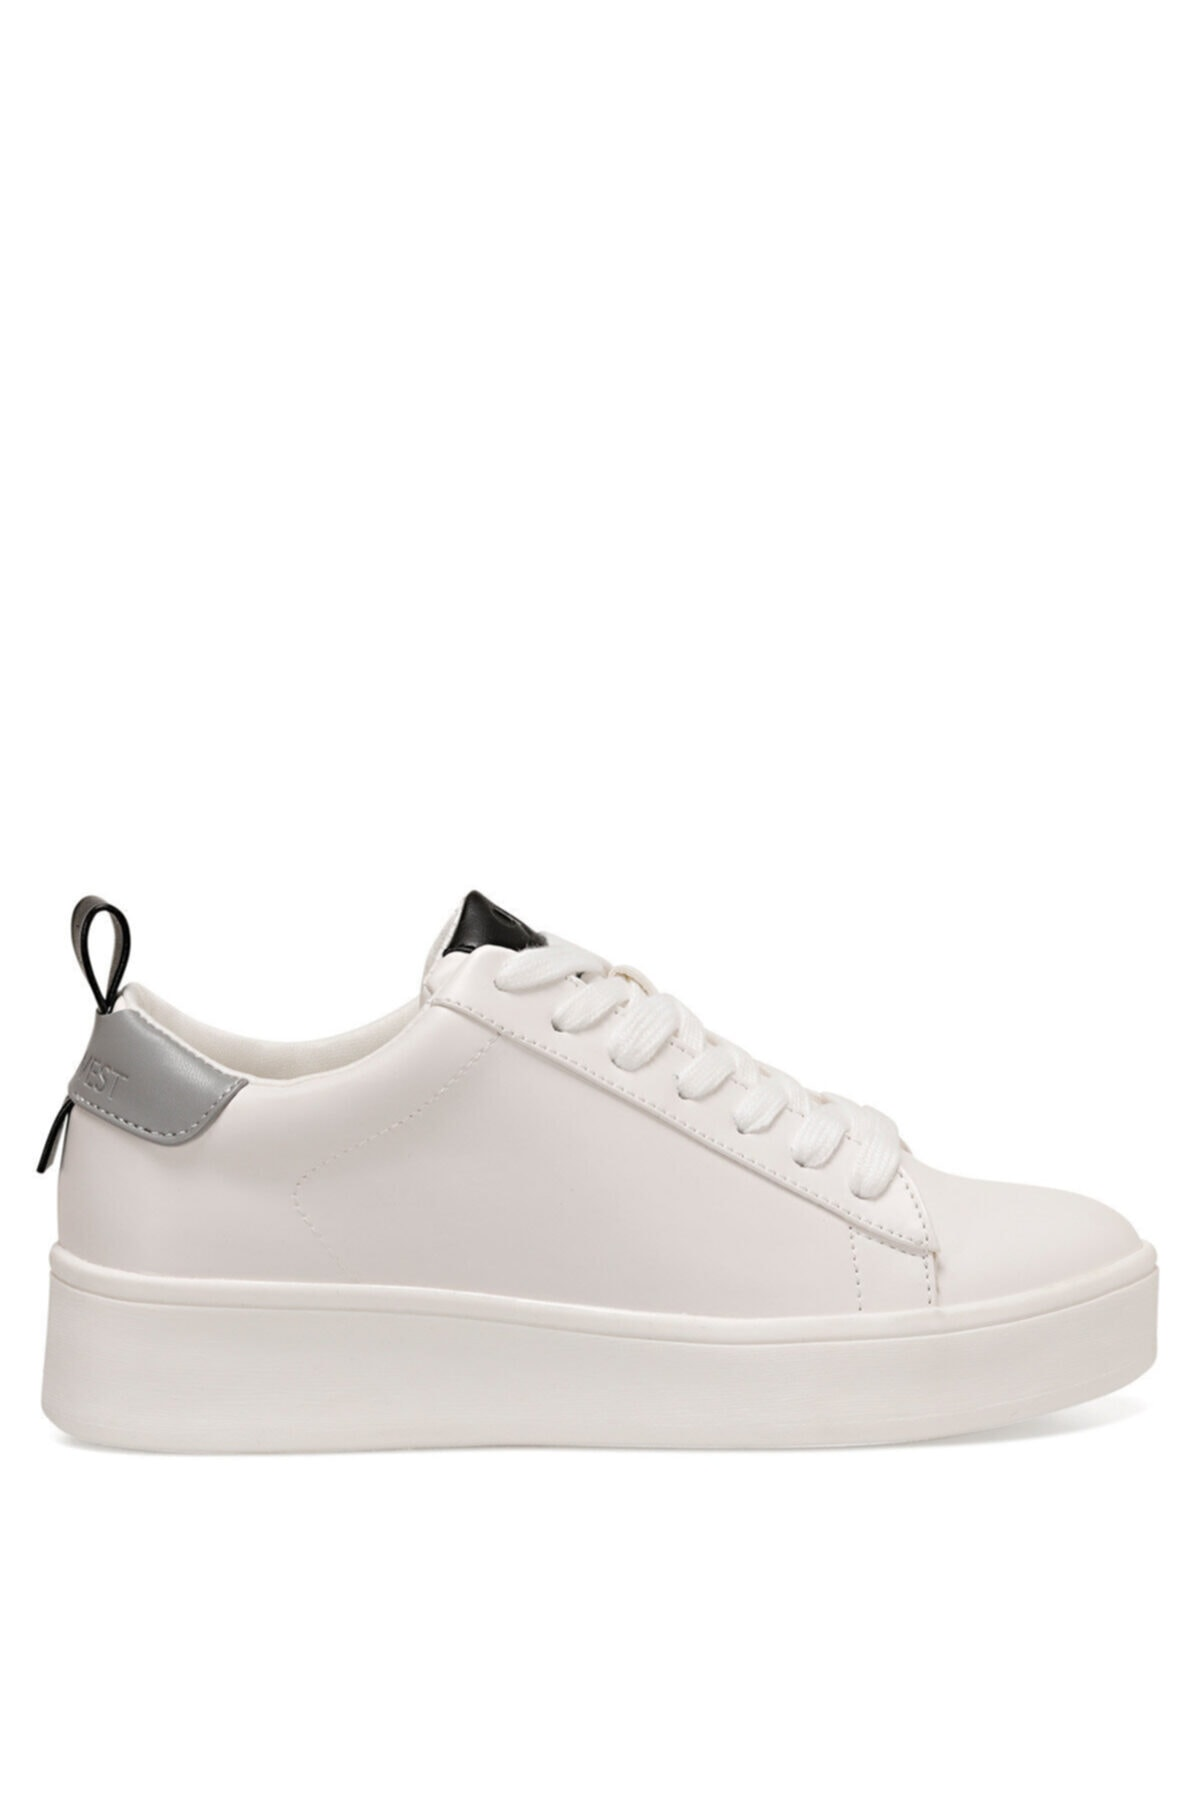 Nine West STENNA Beyaz Kadın Sneaker Ayakkabı 100524845 1